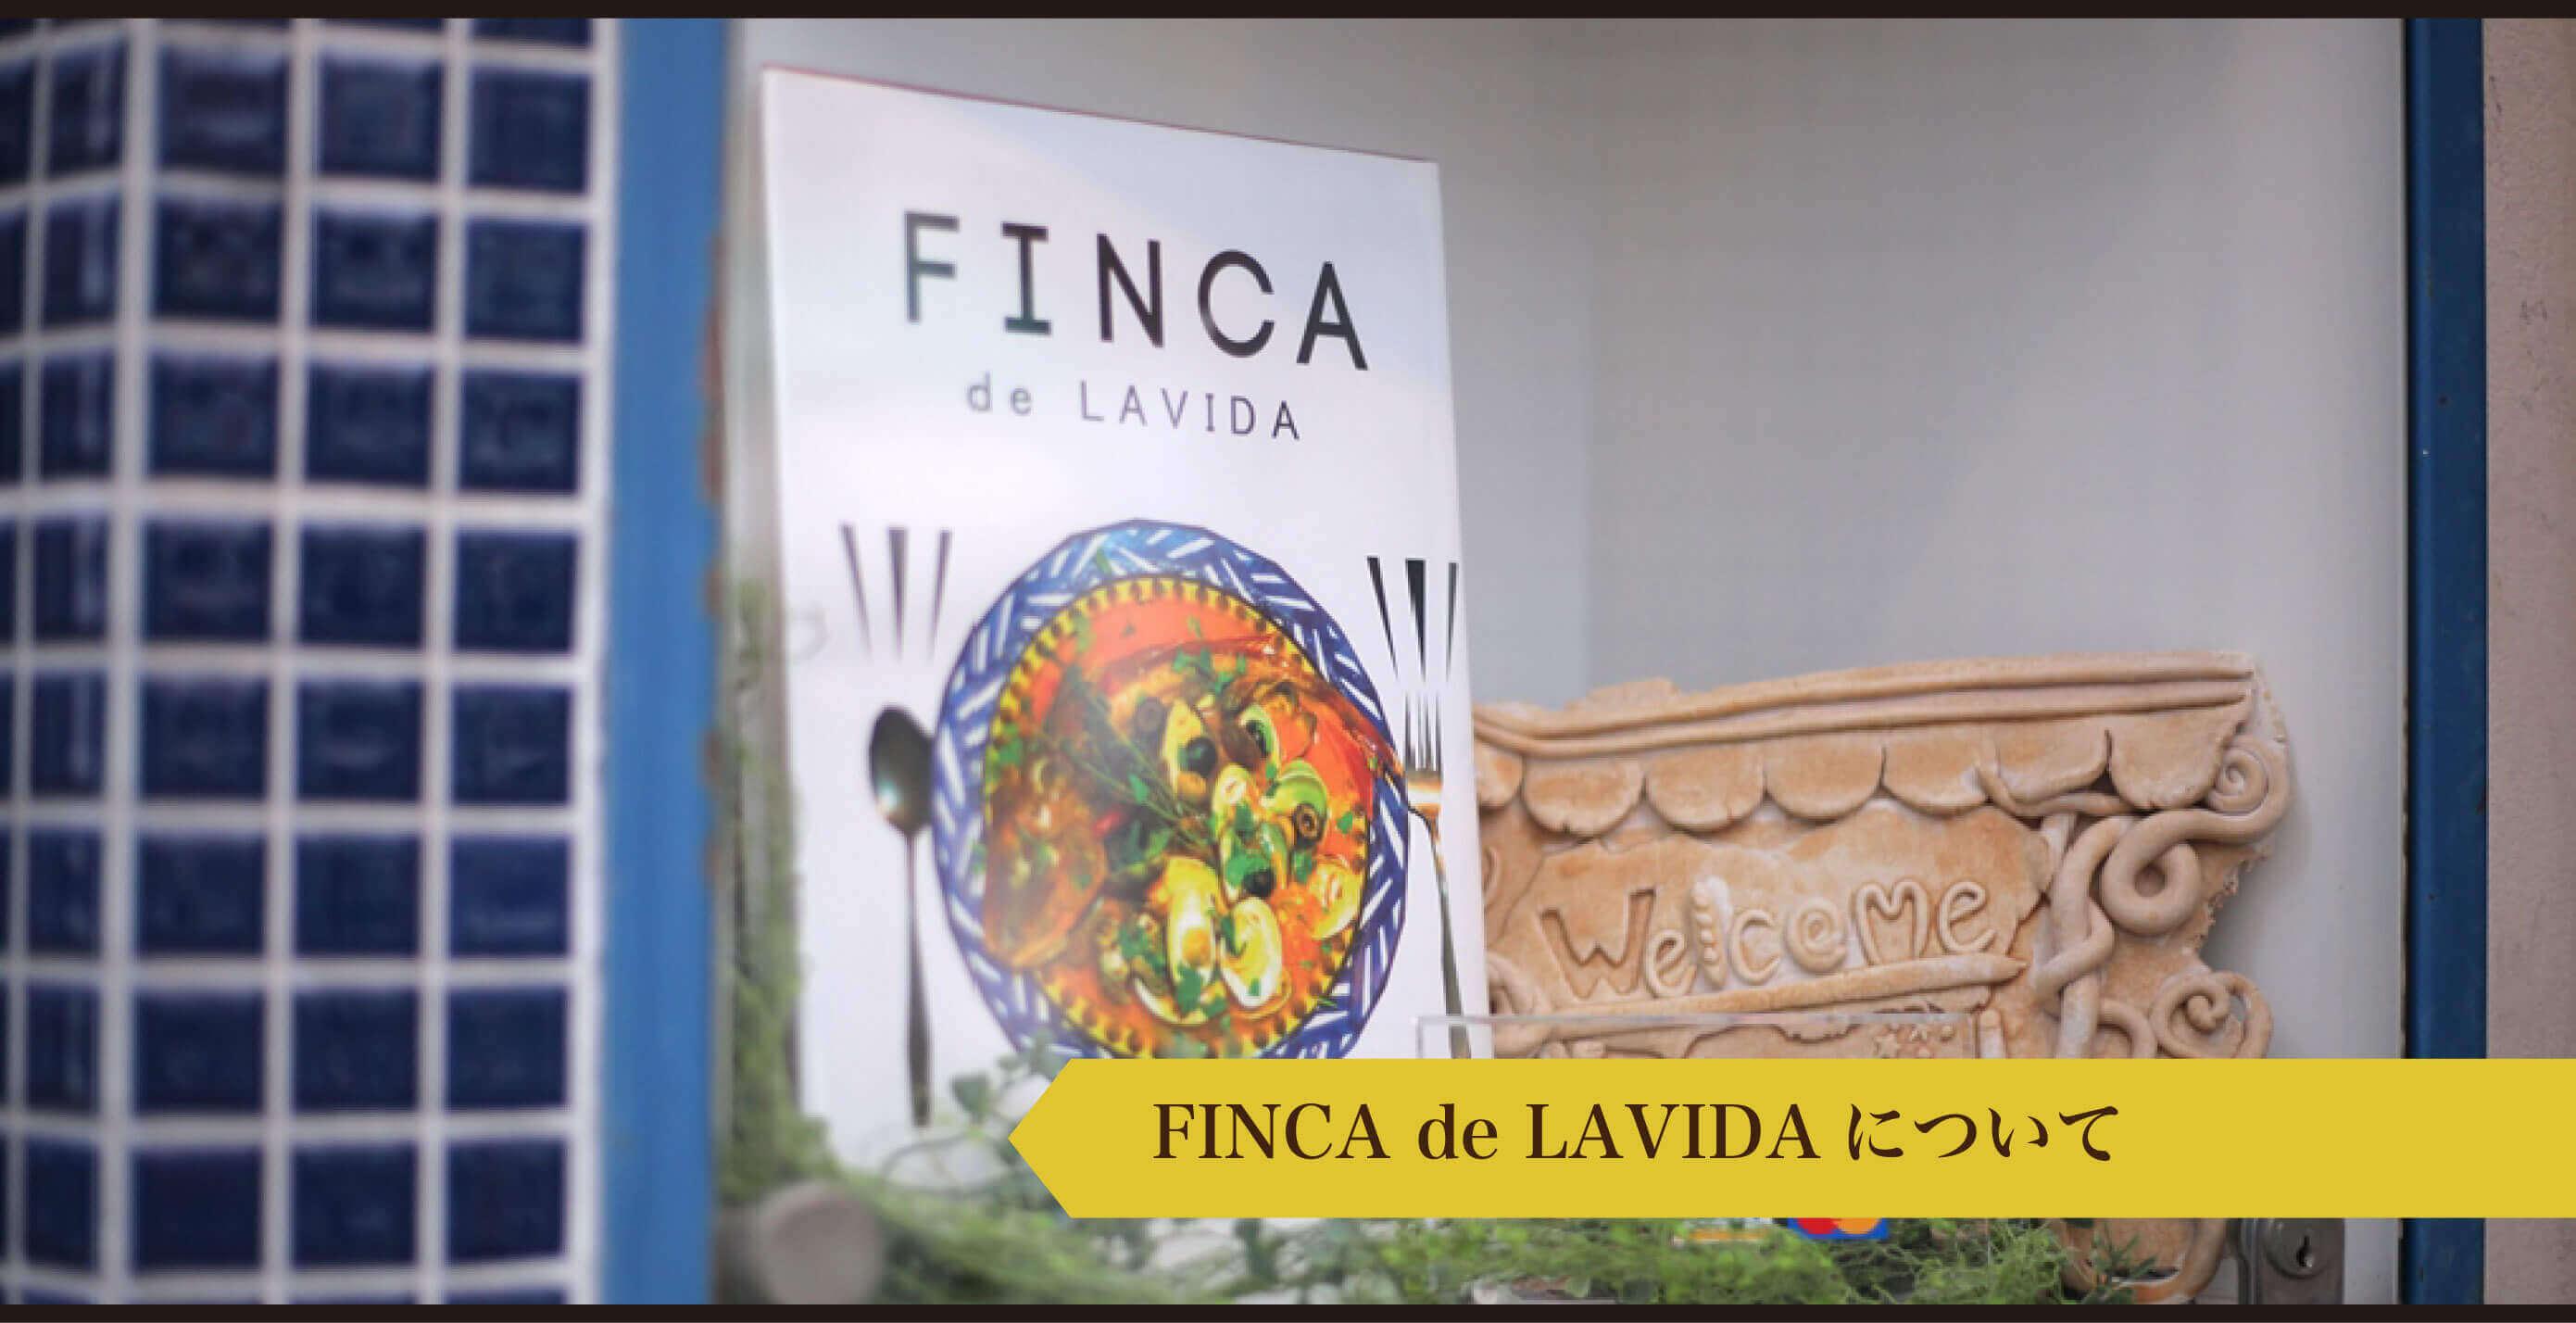 FINCA de LAVIDAについて